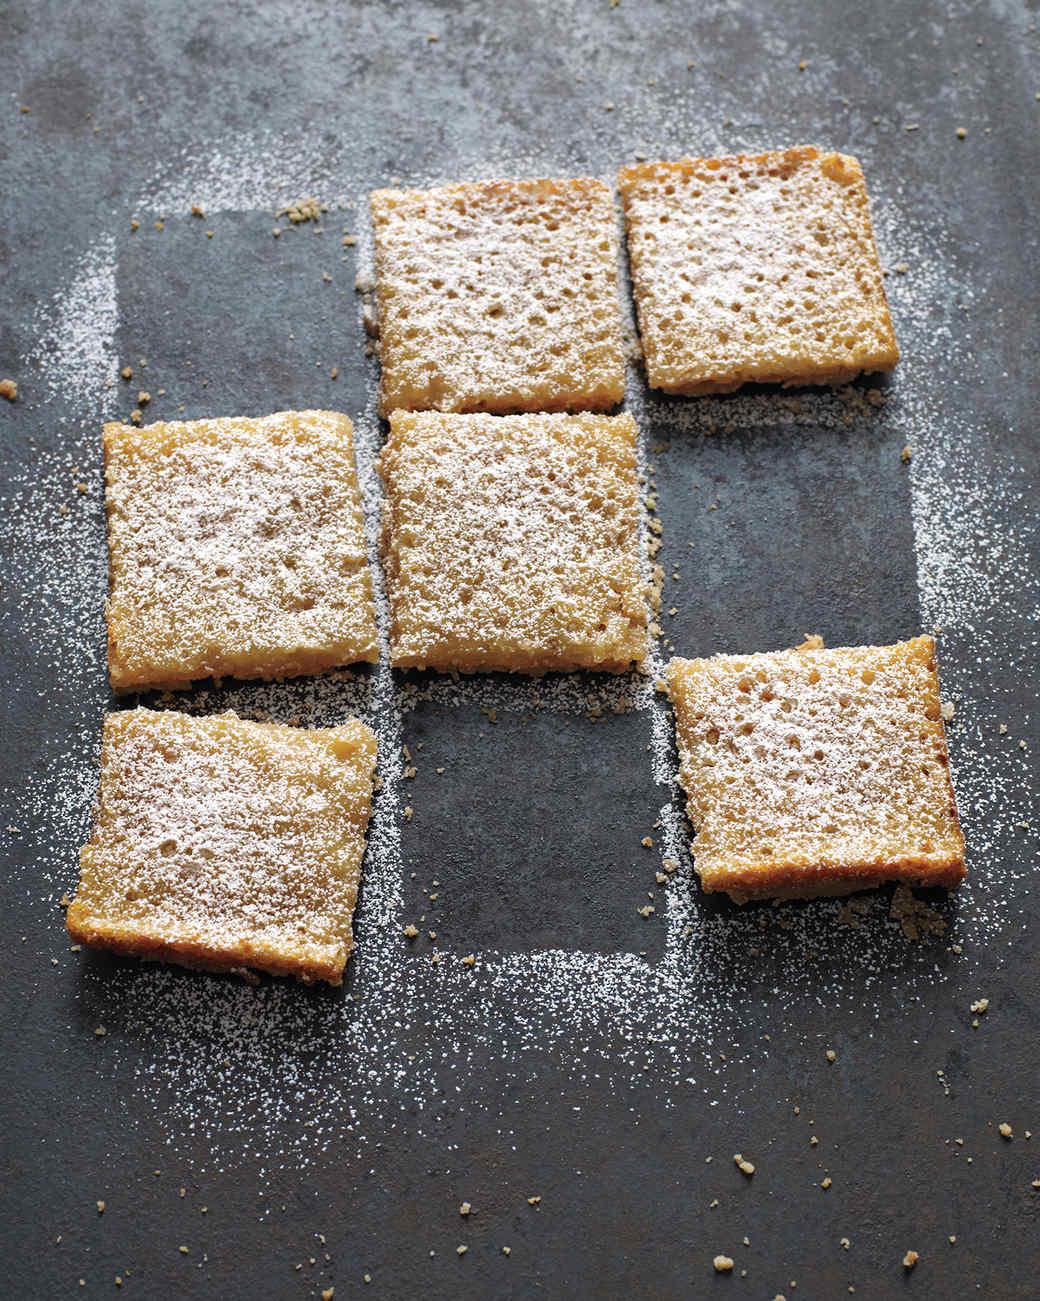 tofu-bars-008-md108876.jpg